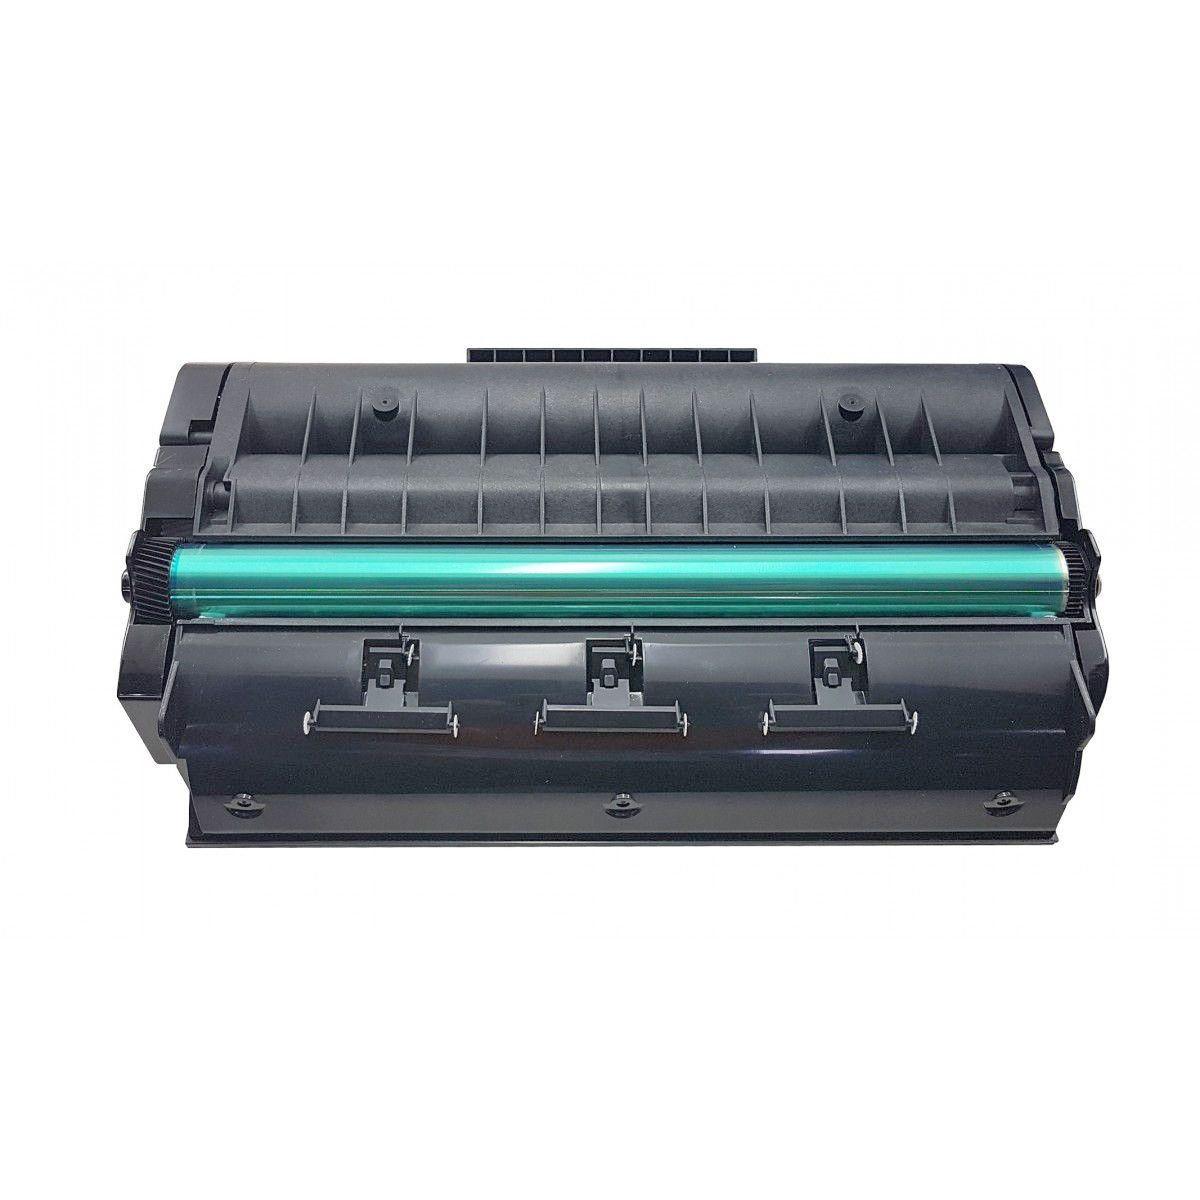 Compatível: Toner SP377 para Ricoh SP377sfnwx SP377dnwx SP-377sfnwx SP-377dnwx SP377sfnw-x SP377dnw-x / Preto / 6.400